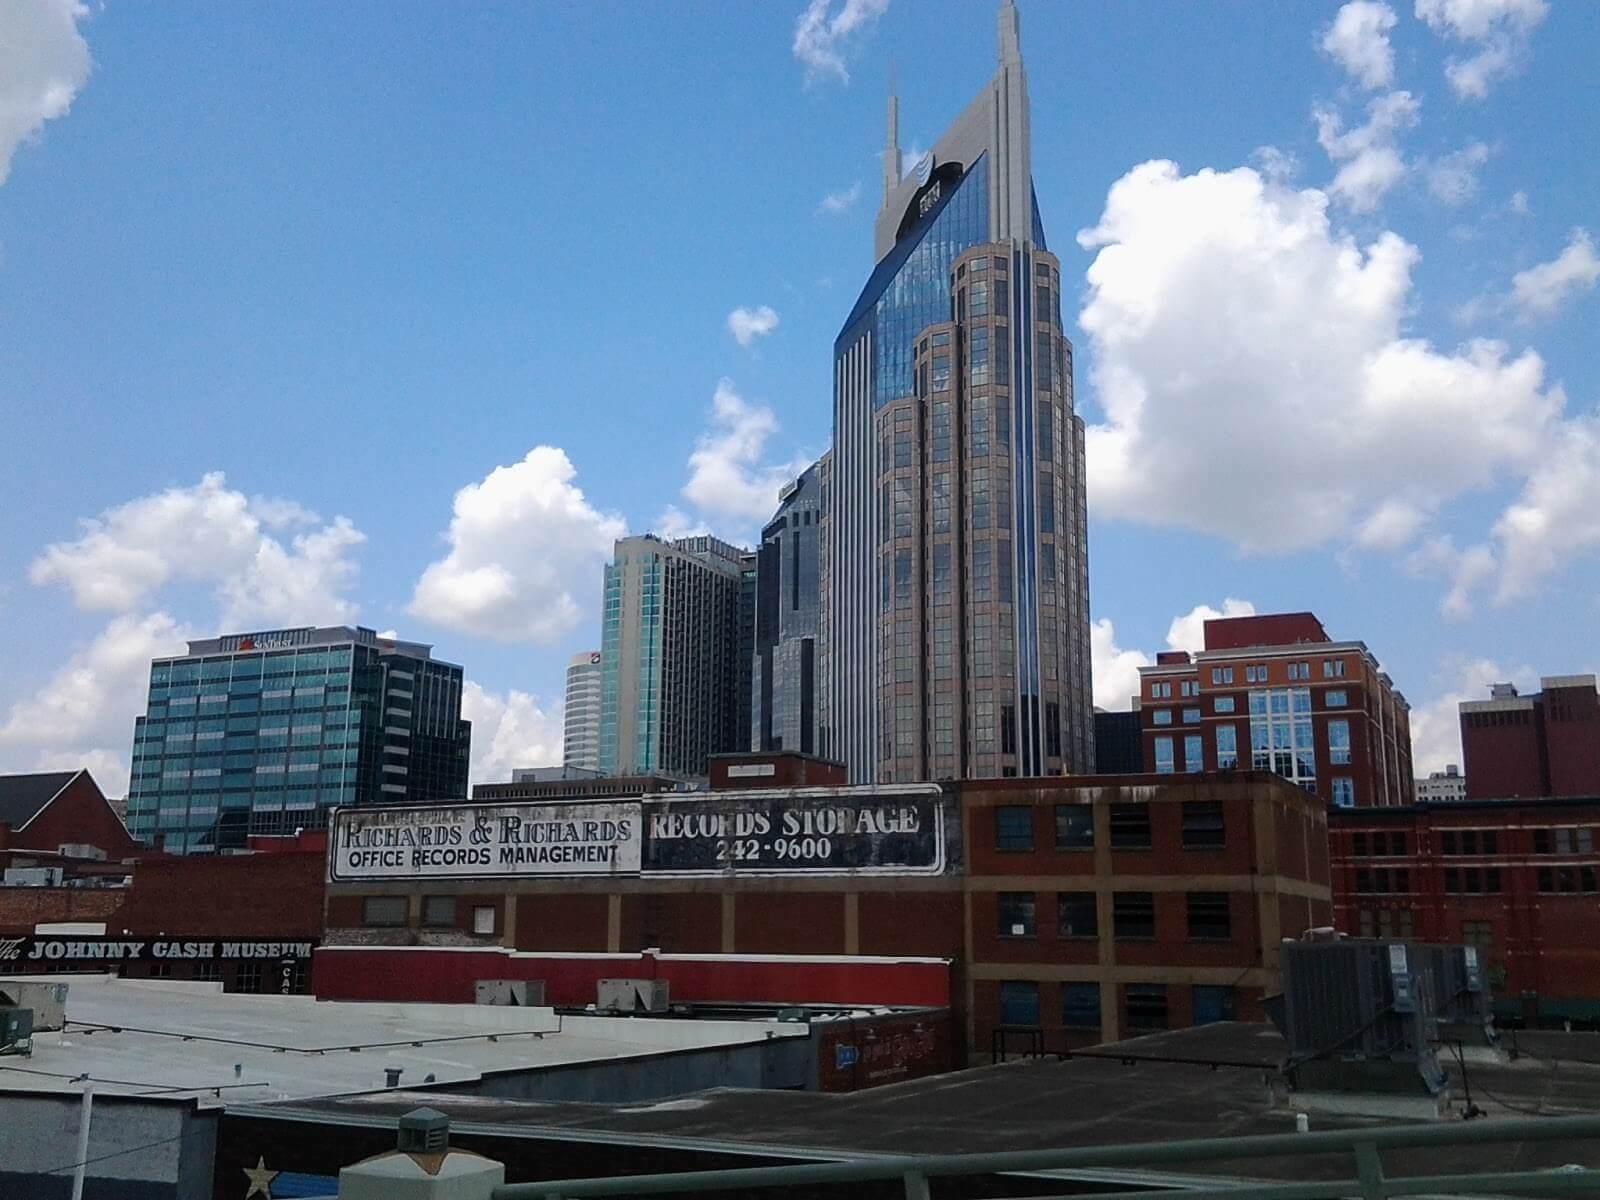 1200 #30649B Nashville CDF Distributors save image Commercial Doors Nashville 37671600